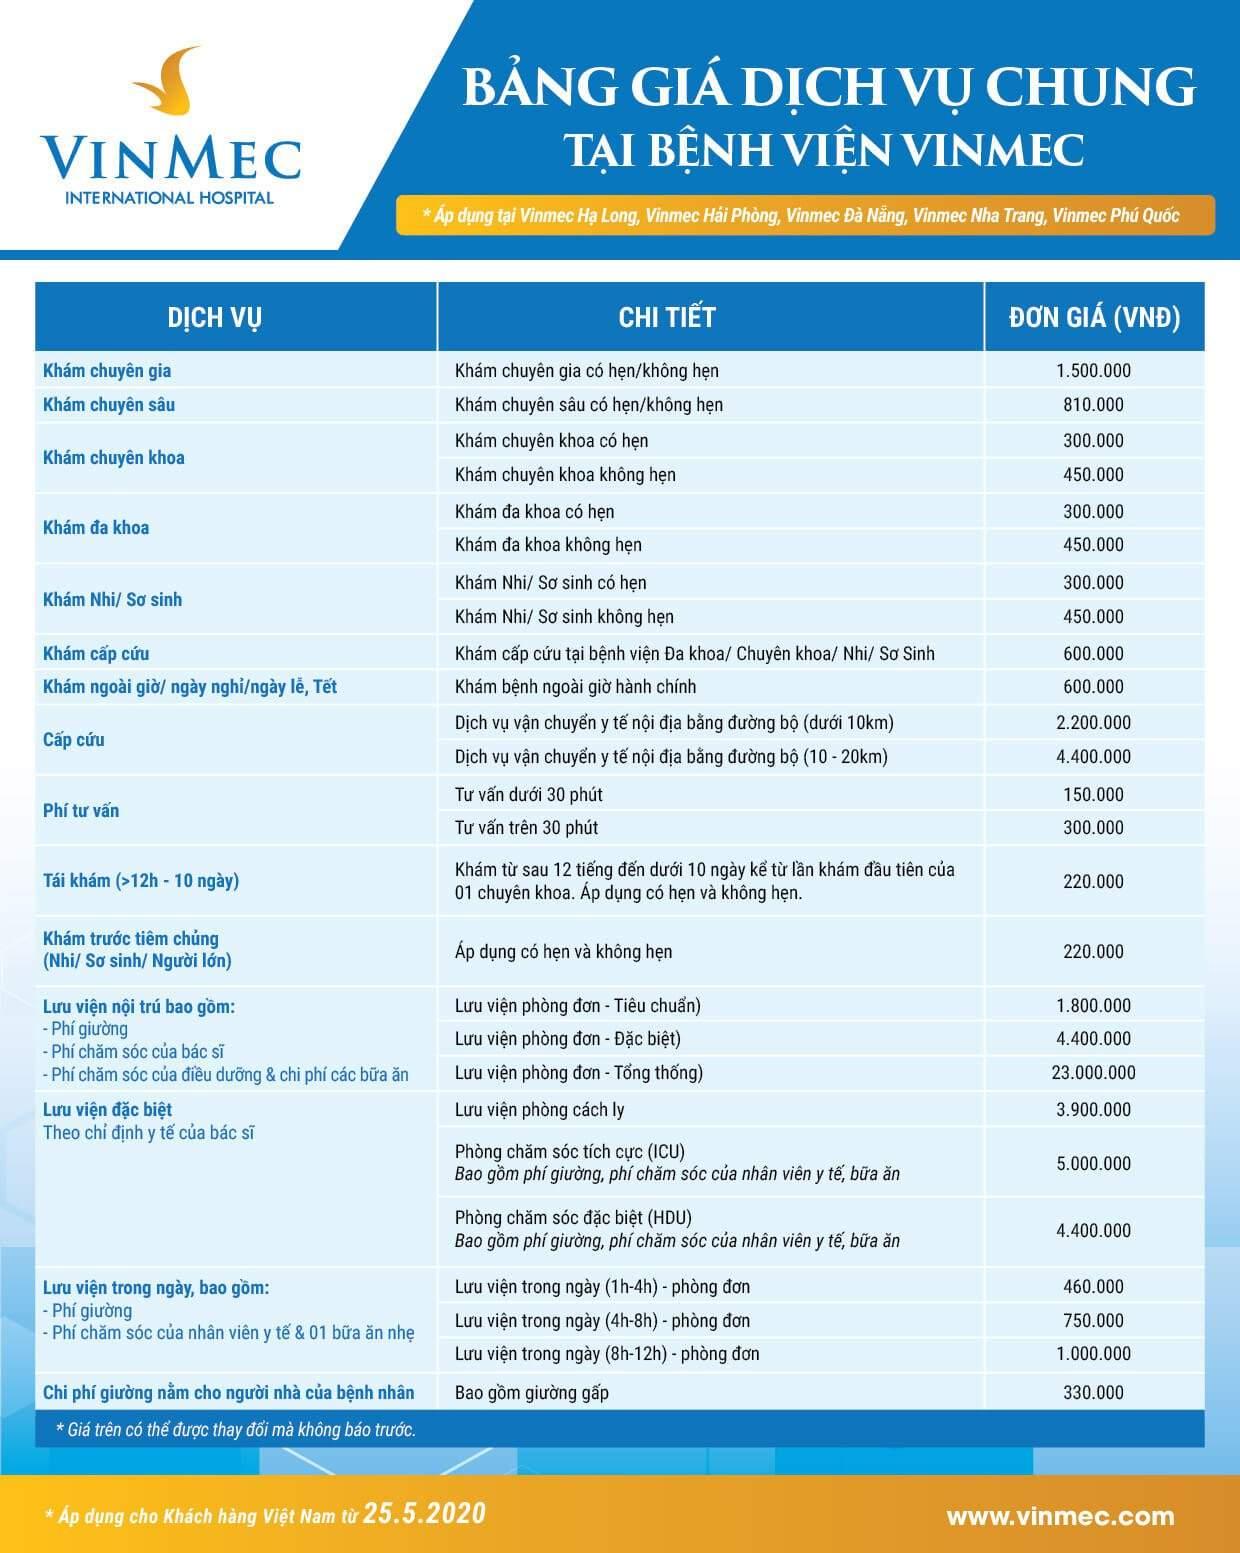 Bảng giá dịch vụ chung áp dụng tại Vinmec Nha Trang, Vinmec Hạ Long, Vinmec Đà Nẵng, Vinmec Phú Quốc, Vinmec Hải Phòng